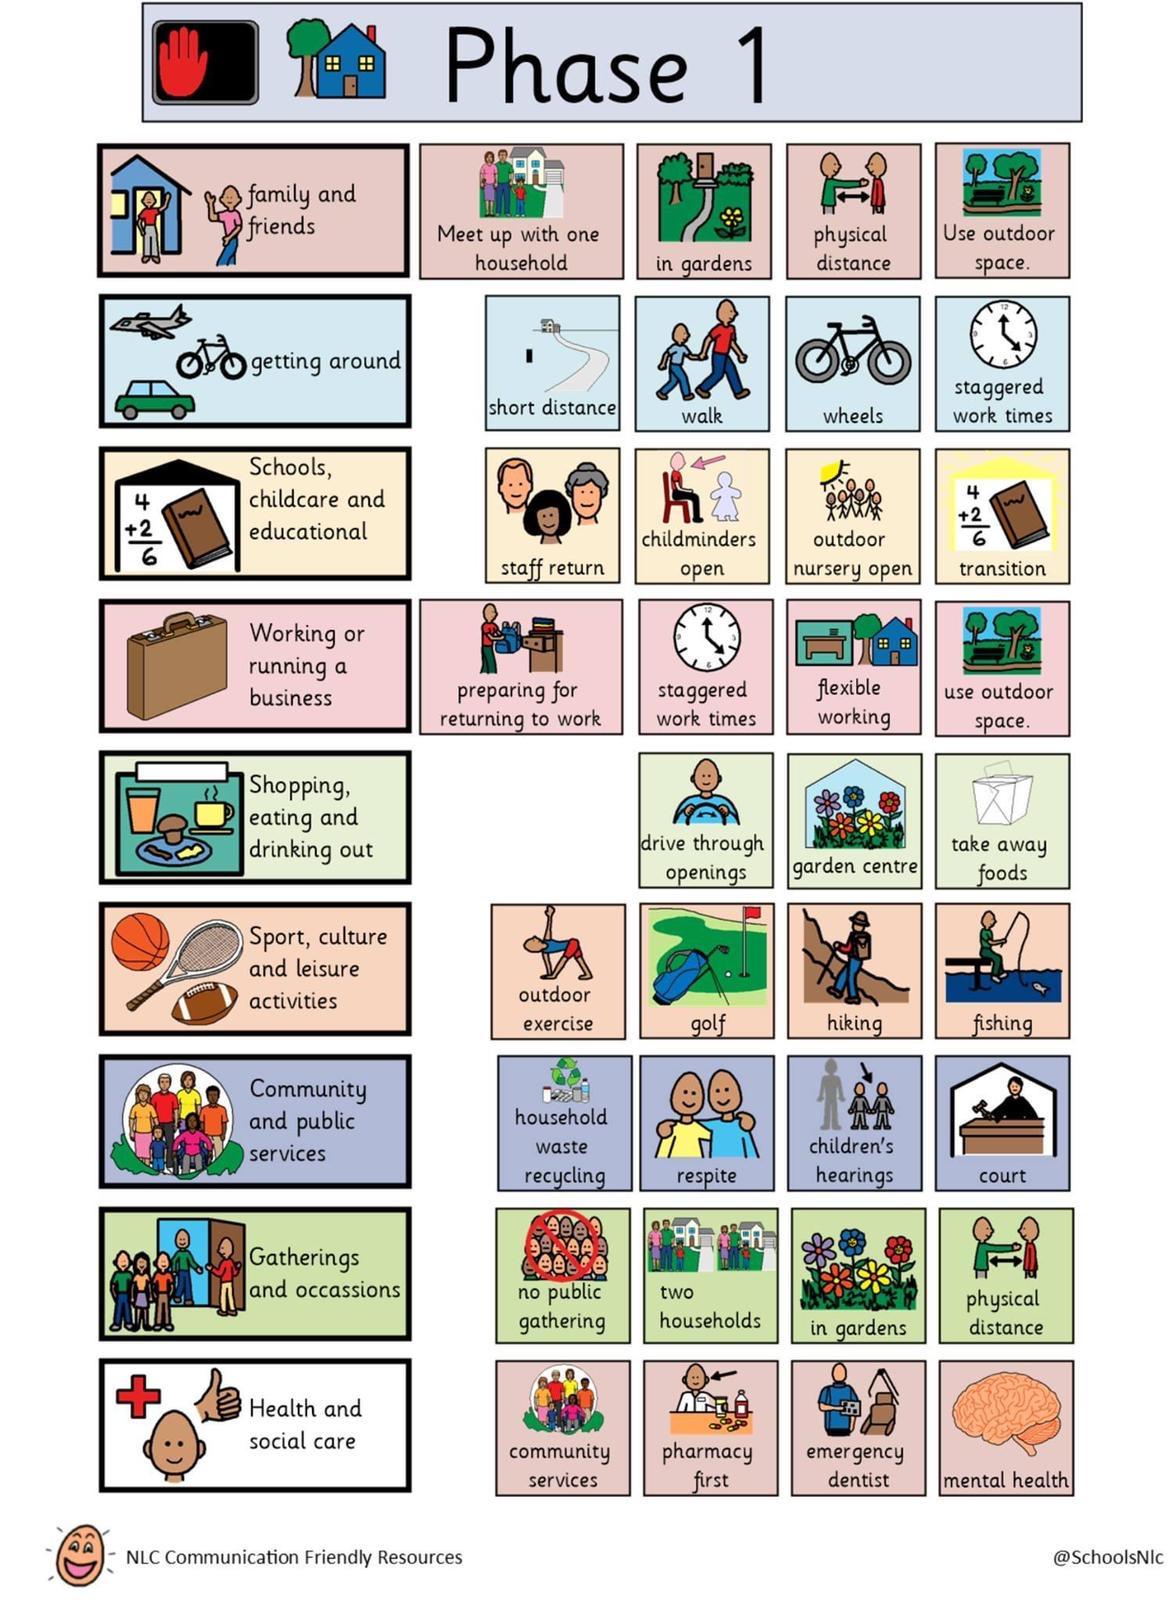 Phase 1 visual (North Lanarkshire Council)